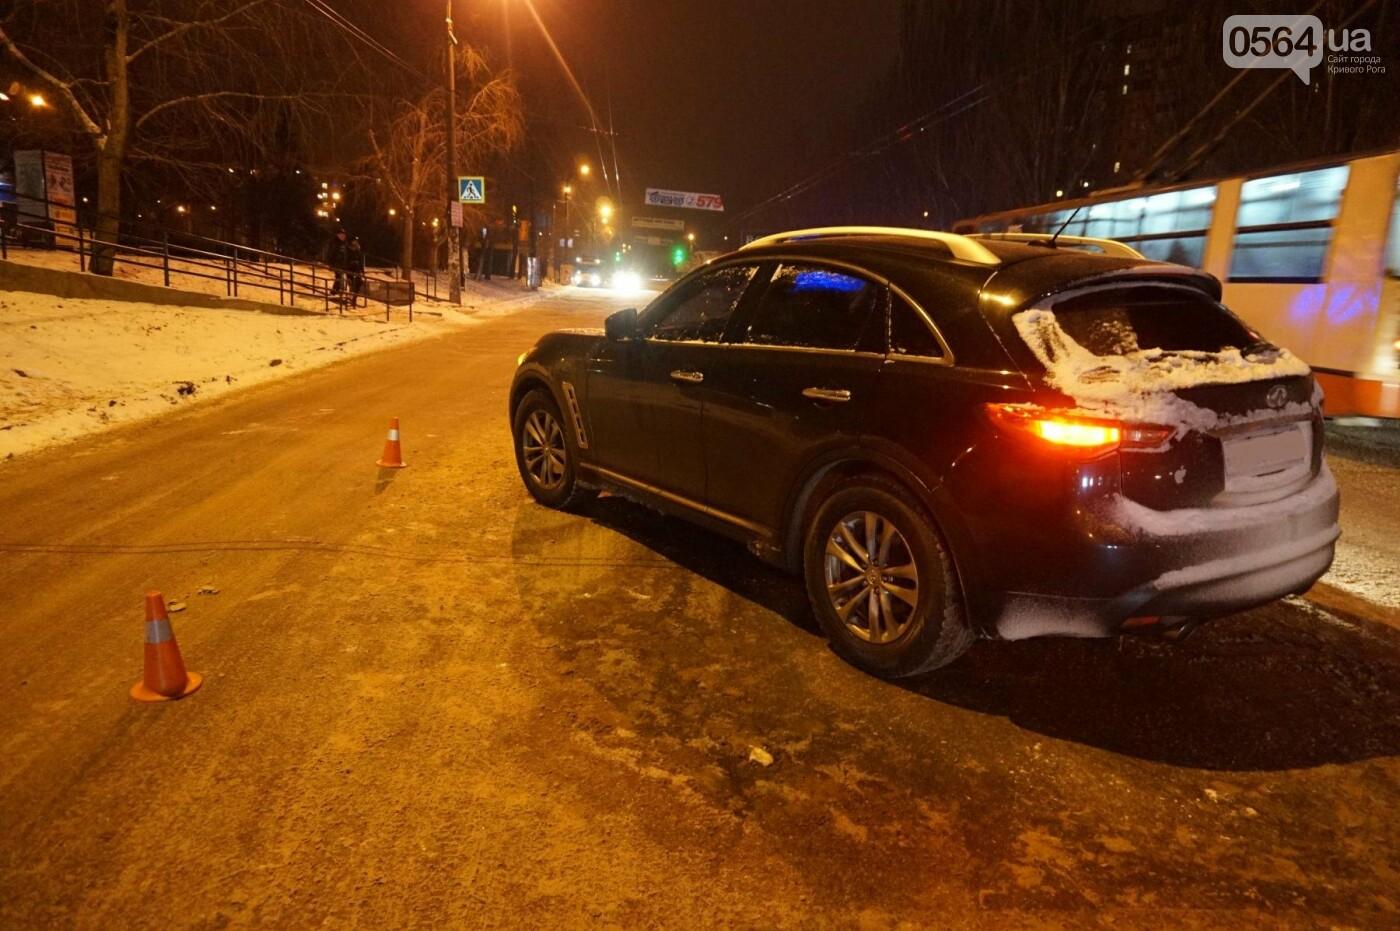 ДТП в Кривом Роге: Перед пешеходным переходом столкнулись ВАЗ и Инфинити (ФОТО), фото-5